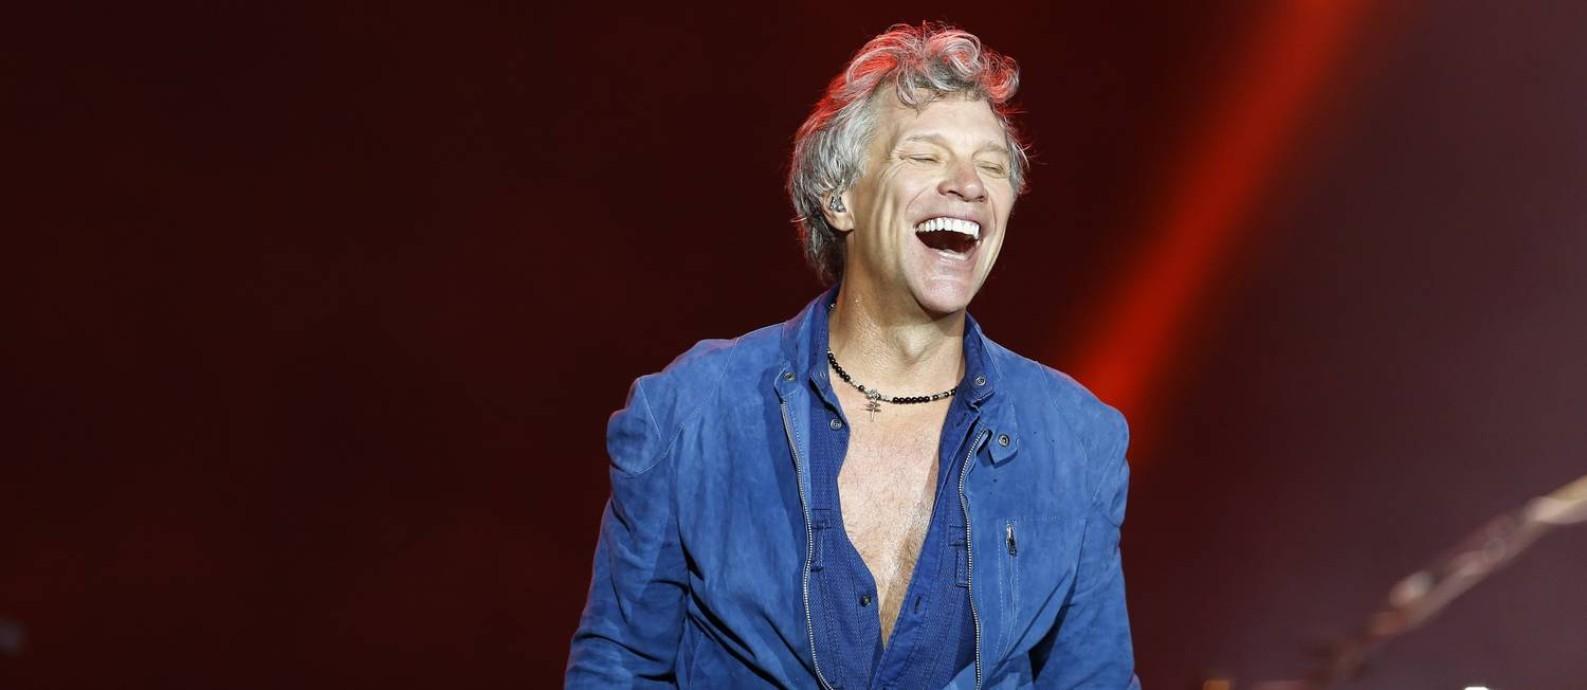 Jon Bon Jovi durante apresentação no palco mundo do Rock in Rio 2017 Foto: Pablo Jacob / Agência O Globo